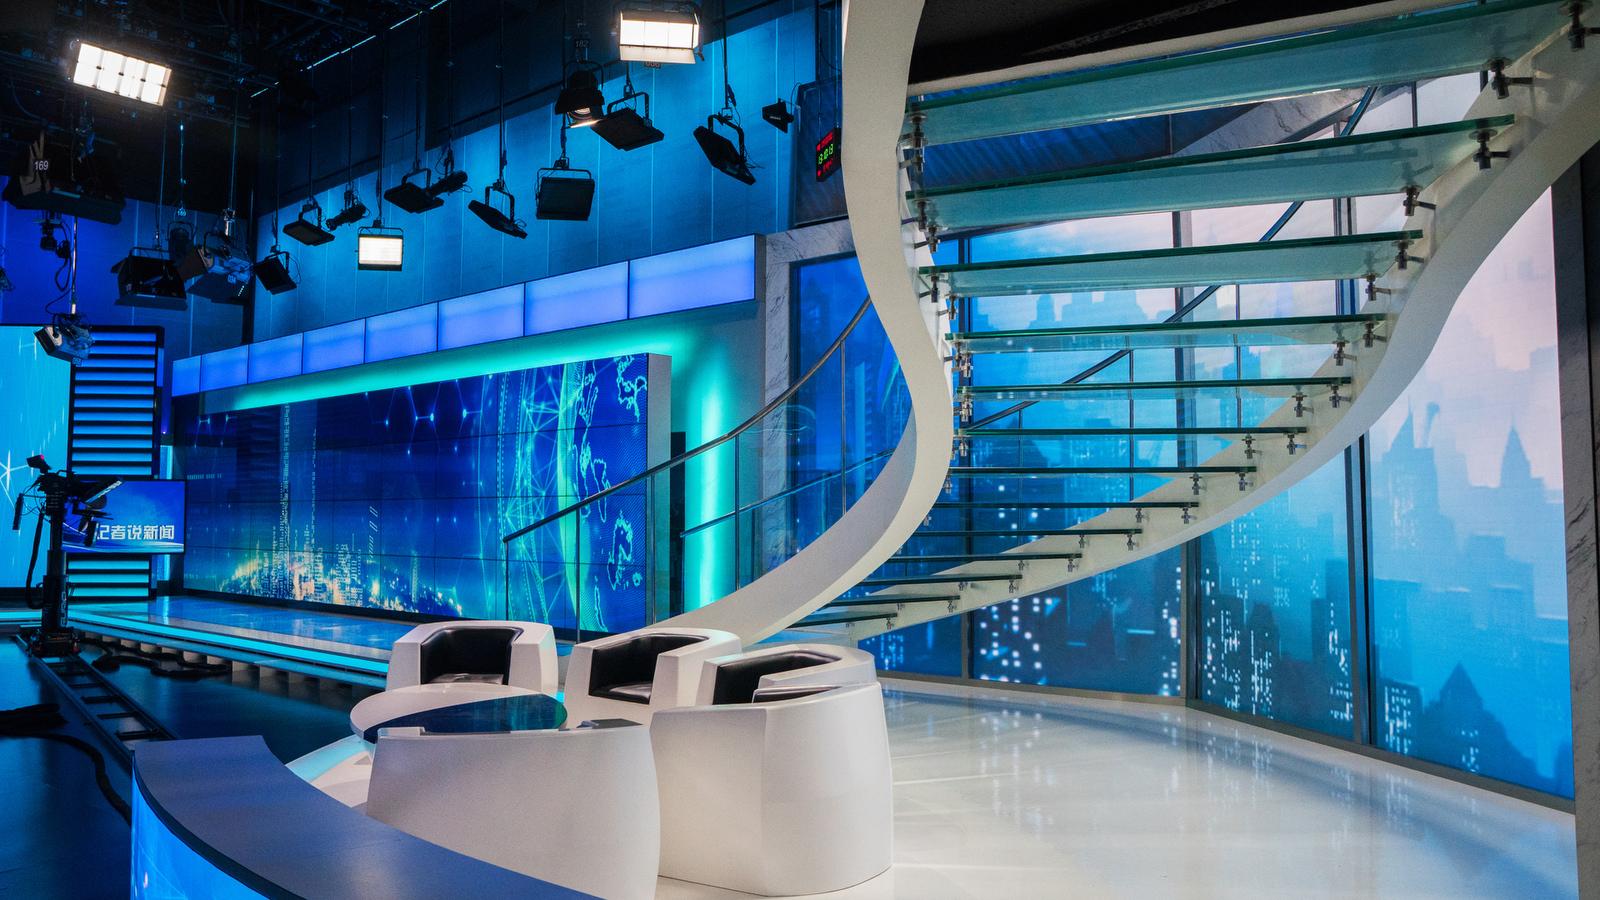 NCS_Beijing-Media-Group-BTV-studio_083